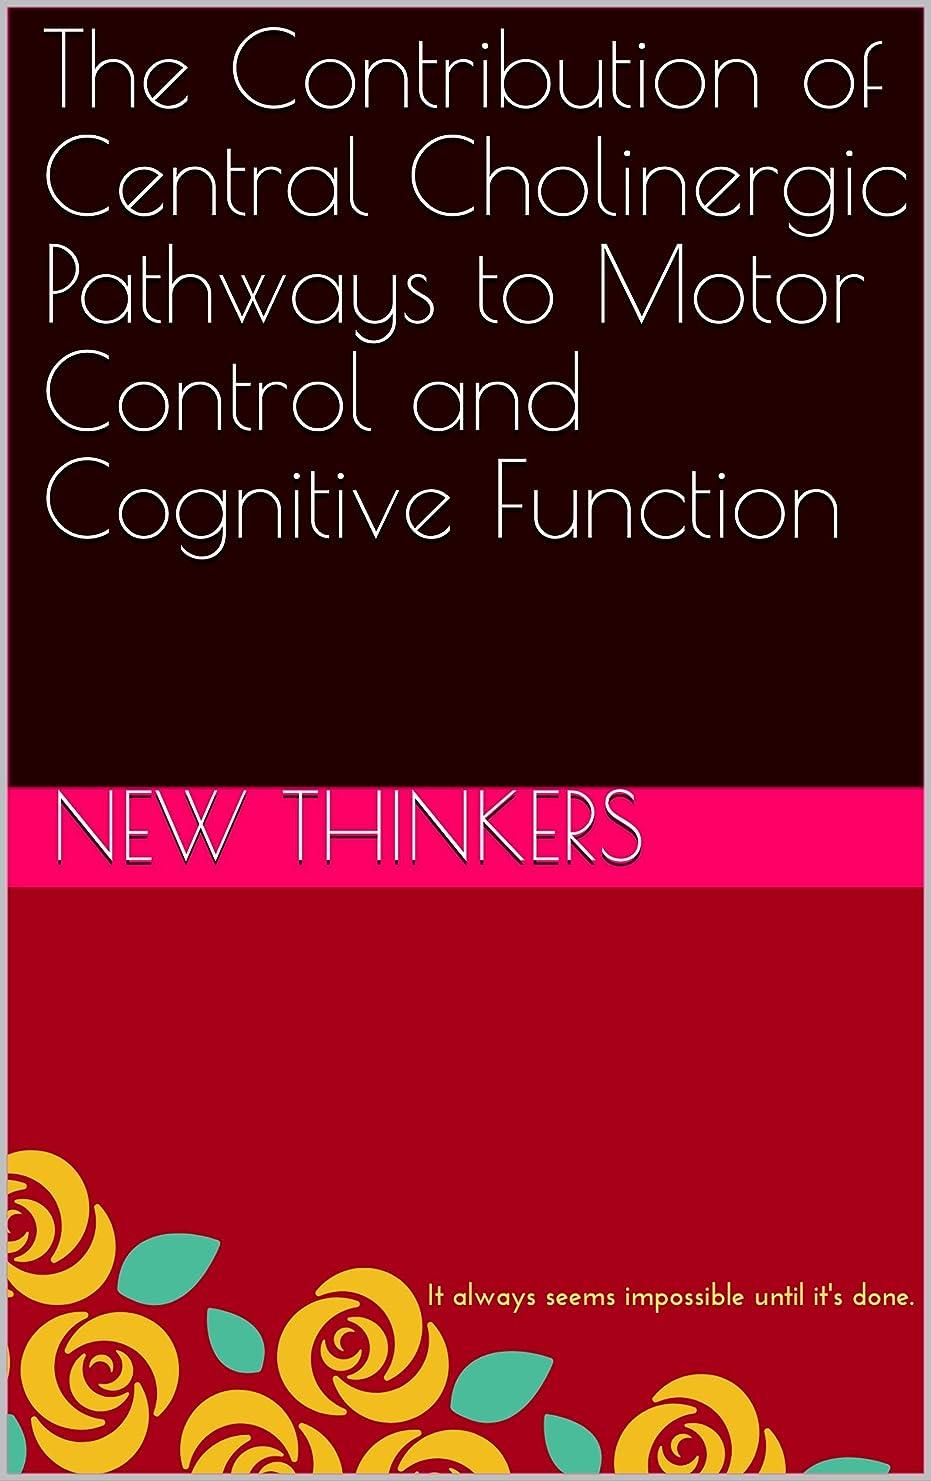 暗唱する蒸留マングルThe Contribution of Central Cholinergic Pathways to Motor Control and Cognitive Function (English Edition)